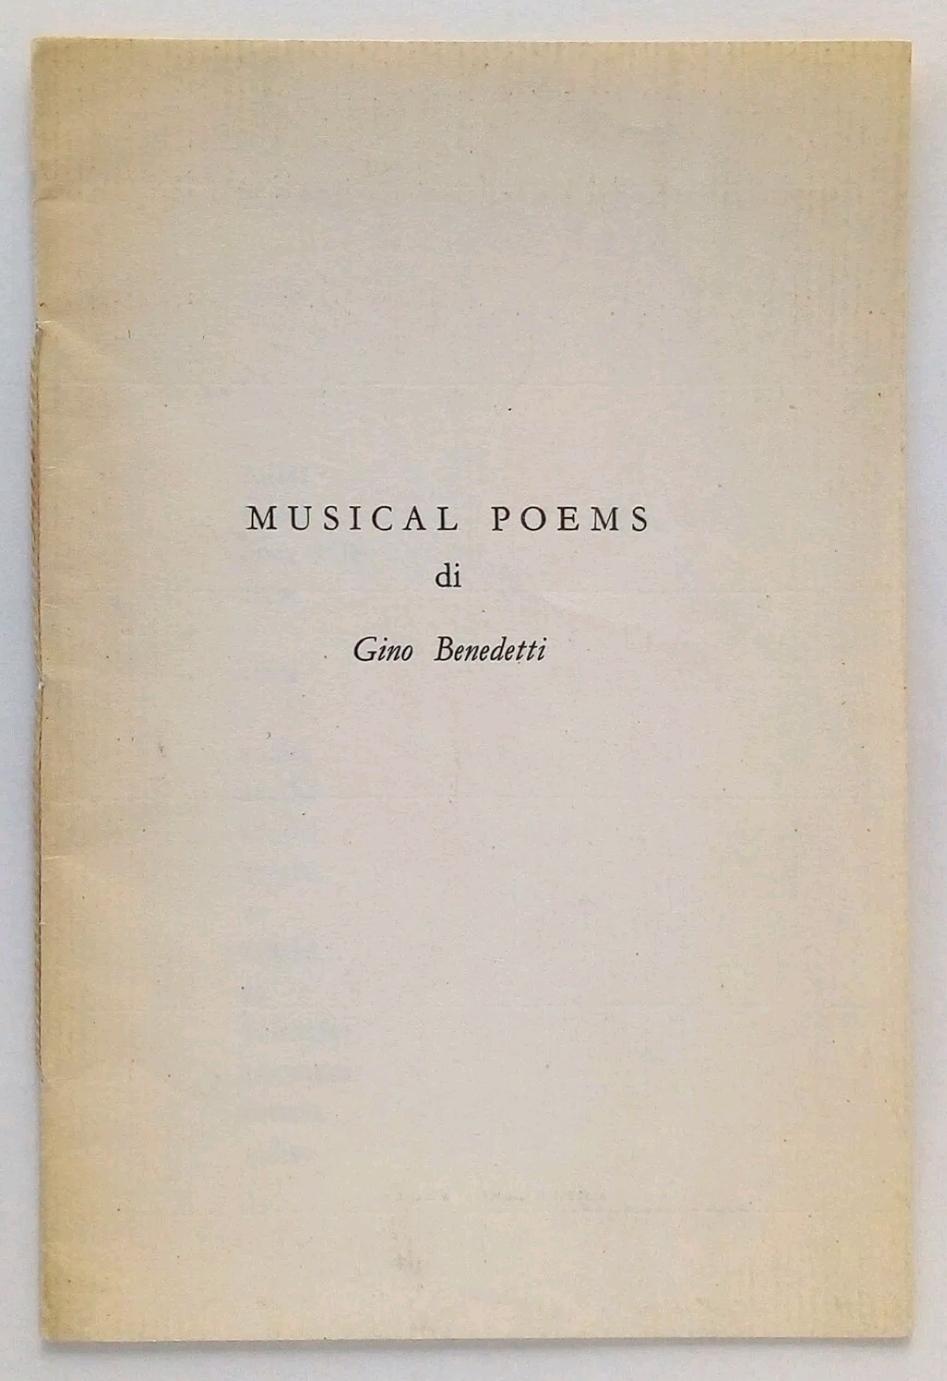 GINO BENEDETTI – MUSICAL POEMS – Edito in proprio, 1967. Poesia visiva. Rarissimo